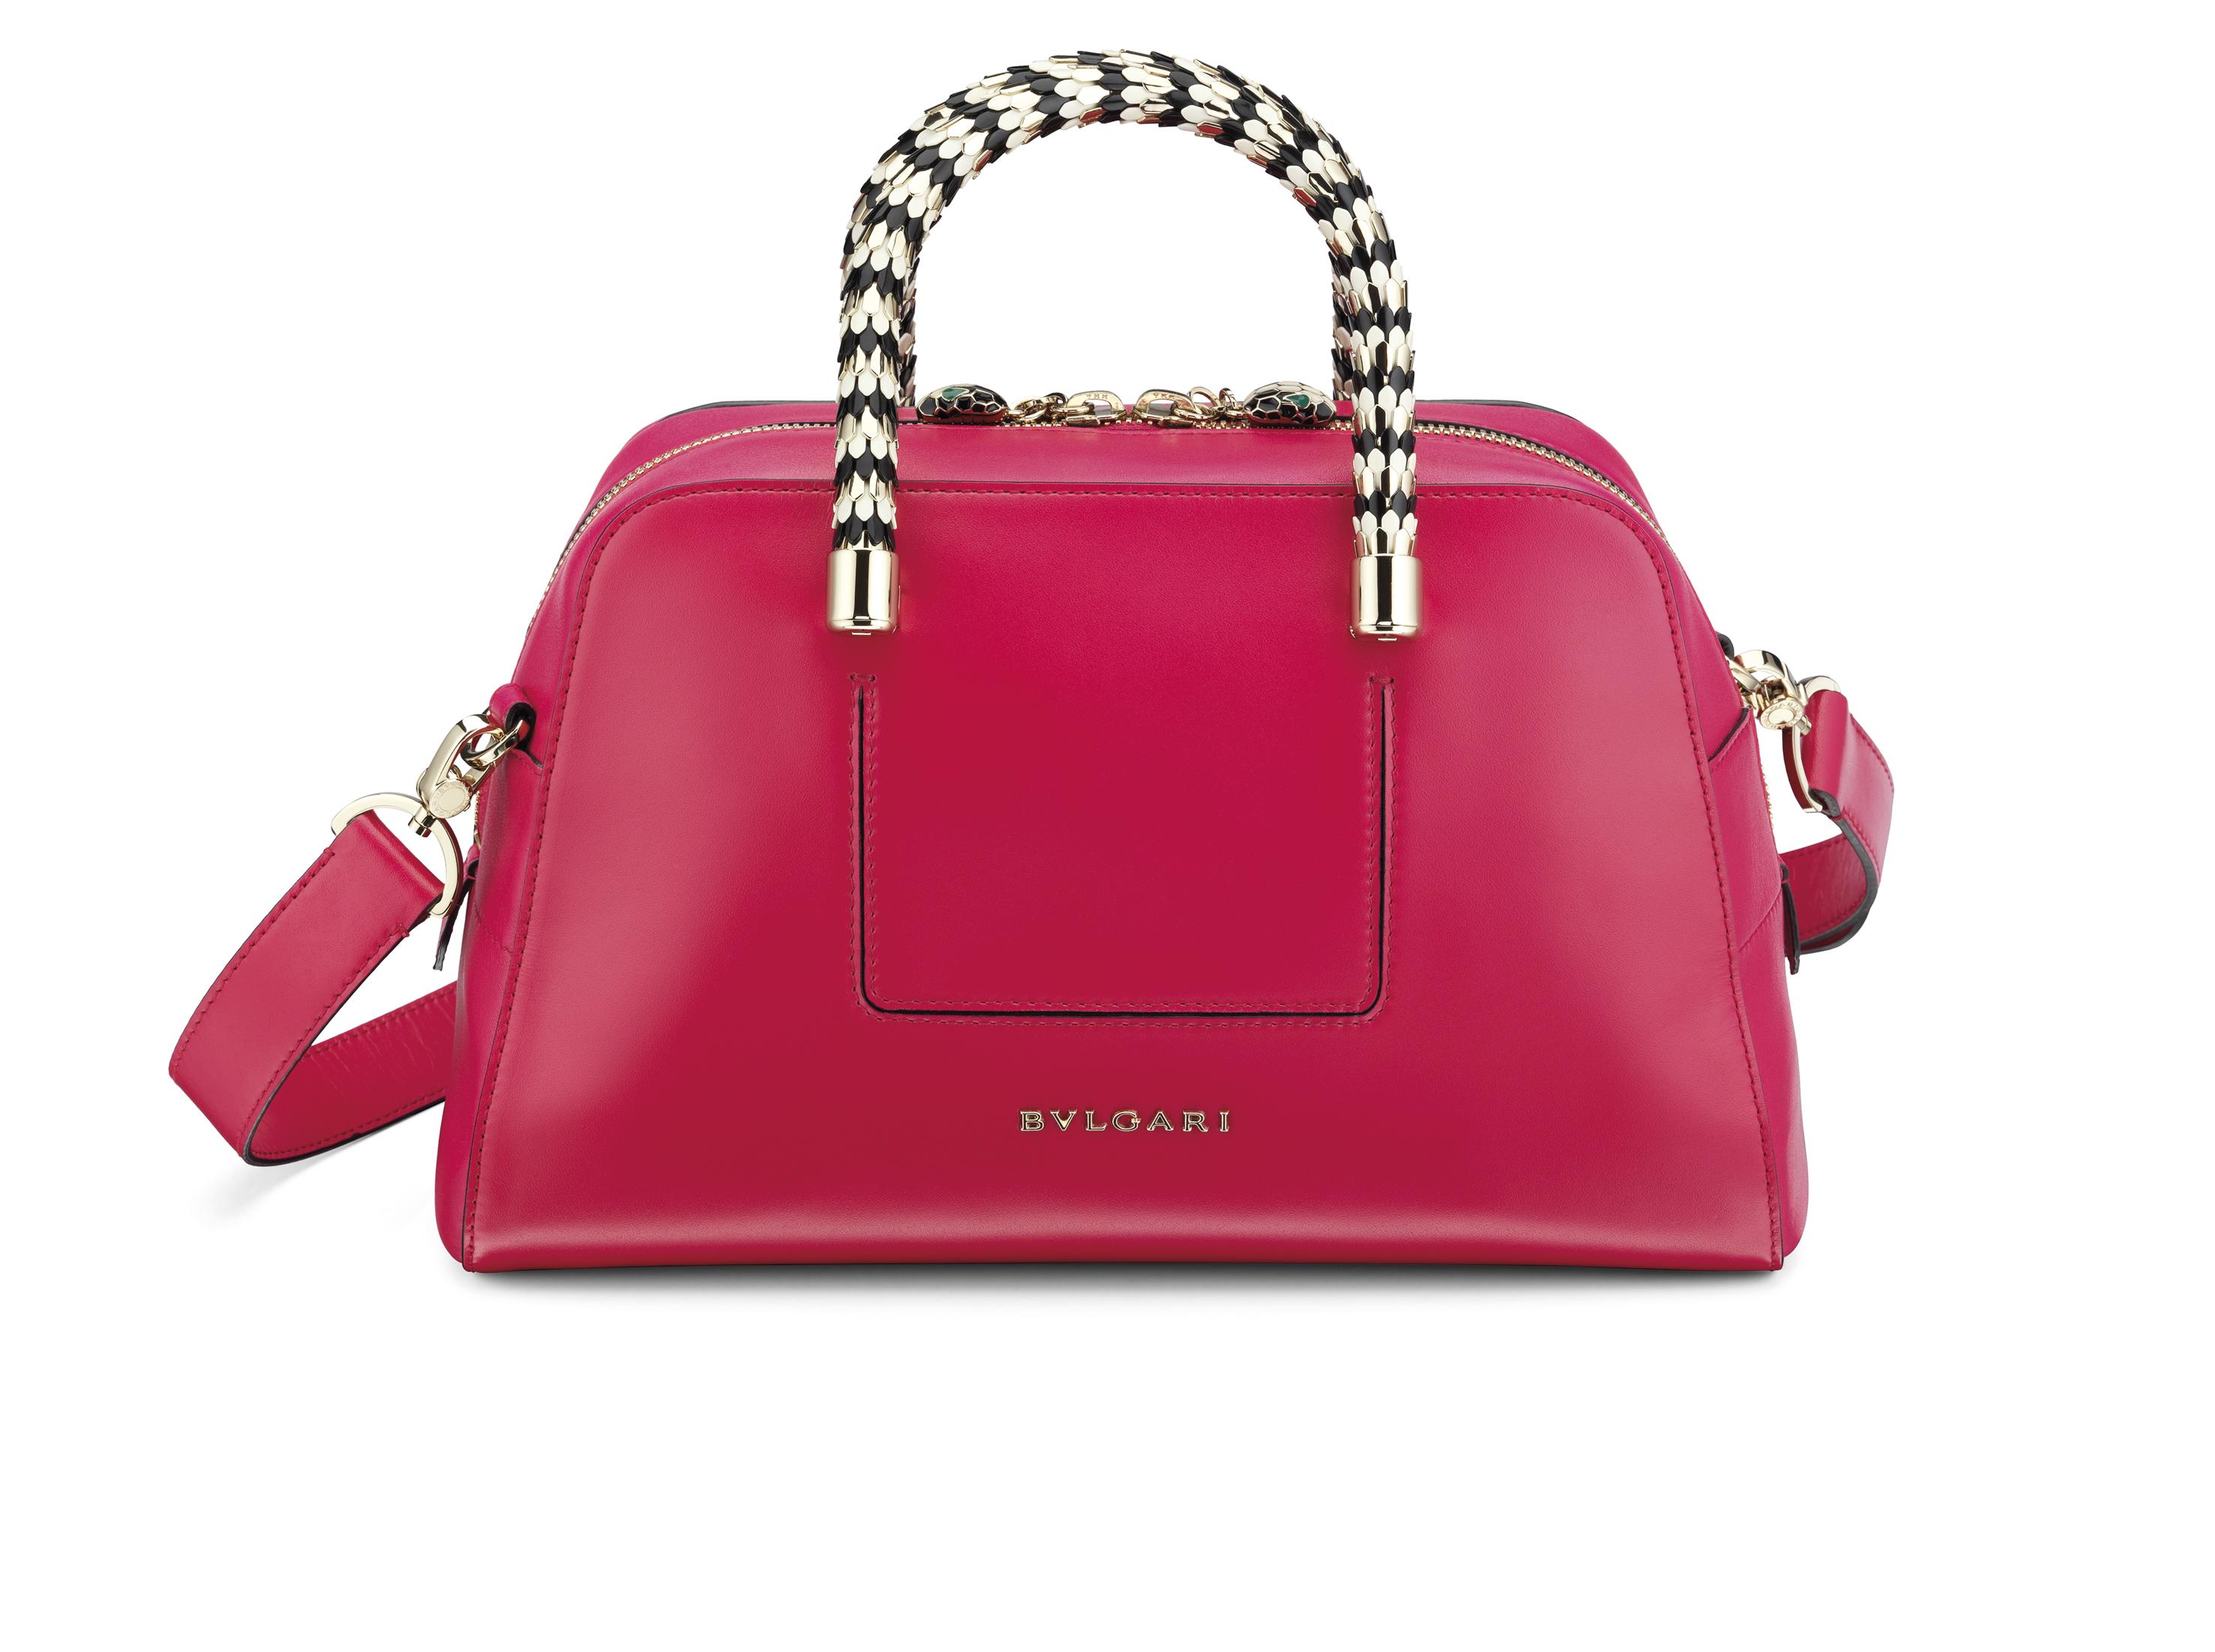 Birkin от Hermes: самая дорогая сумка в мире - Тренды моды